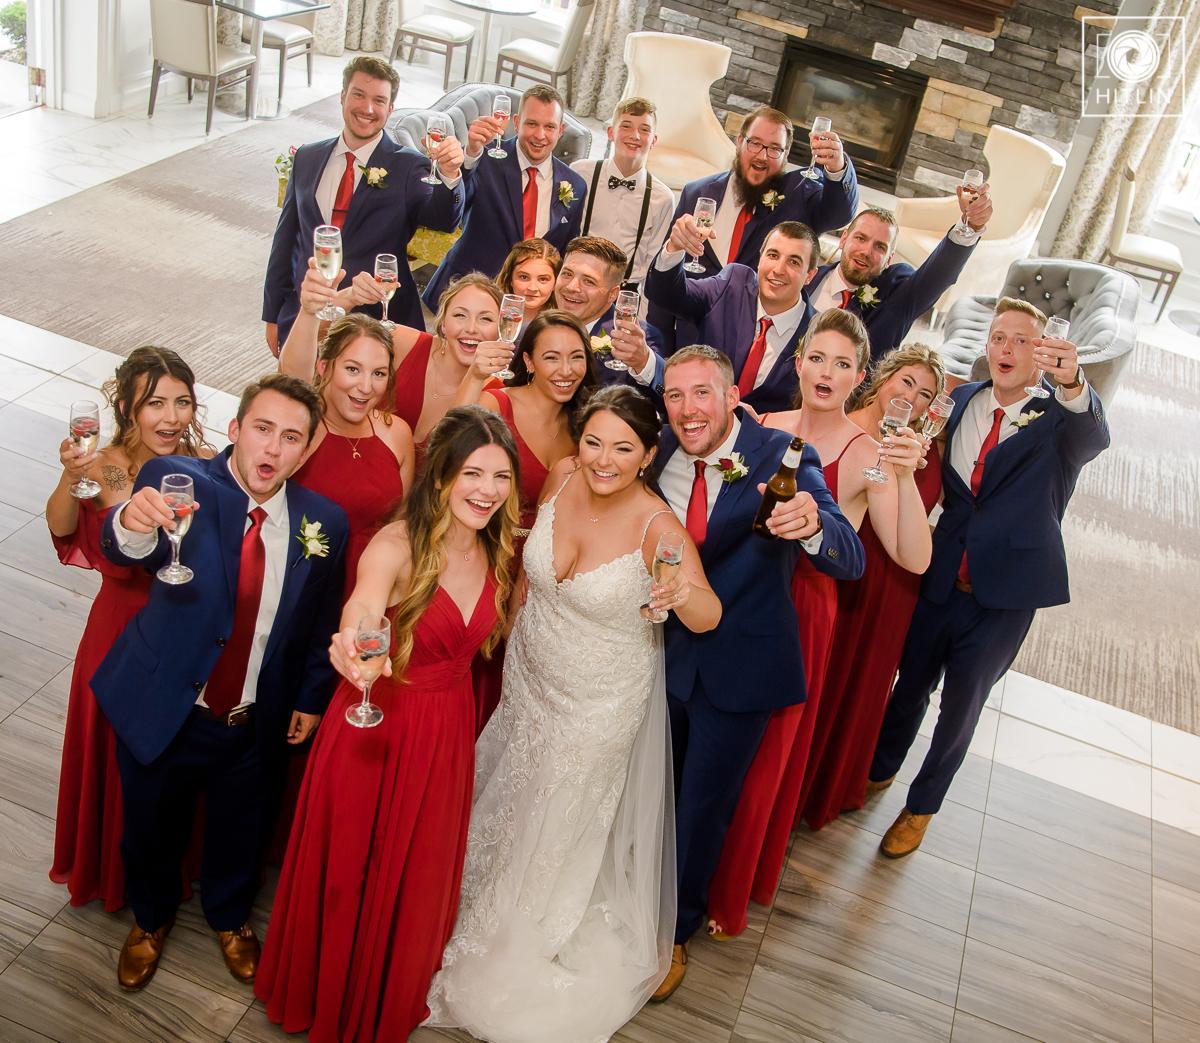 glen_sanders_mansion_wedding_photo_0008